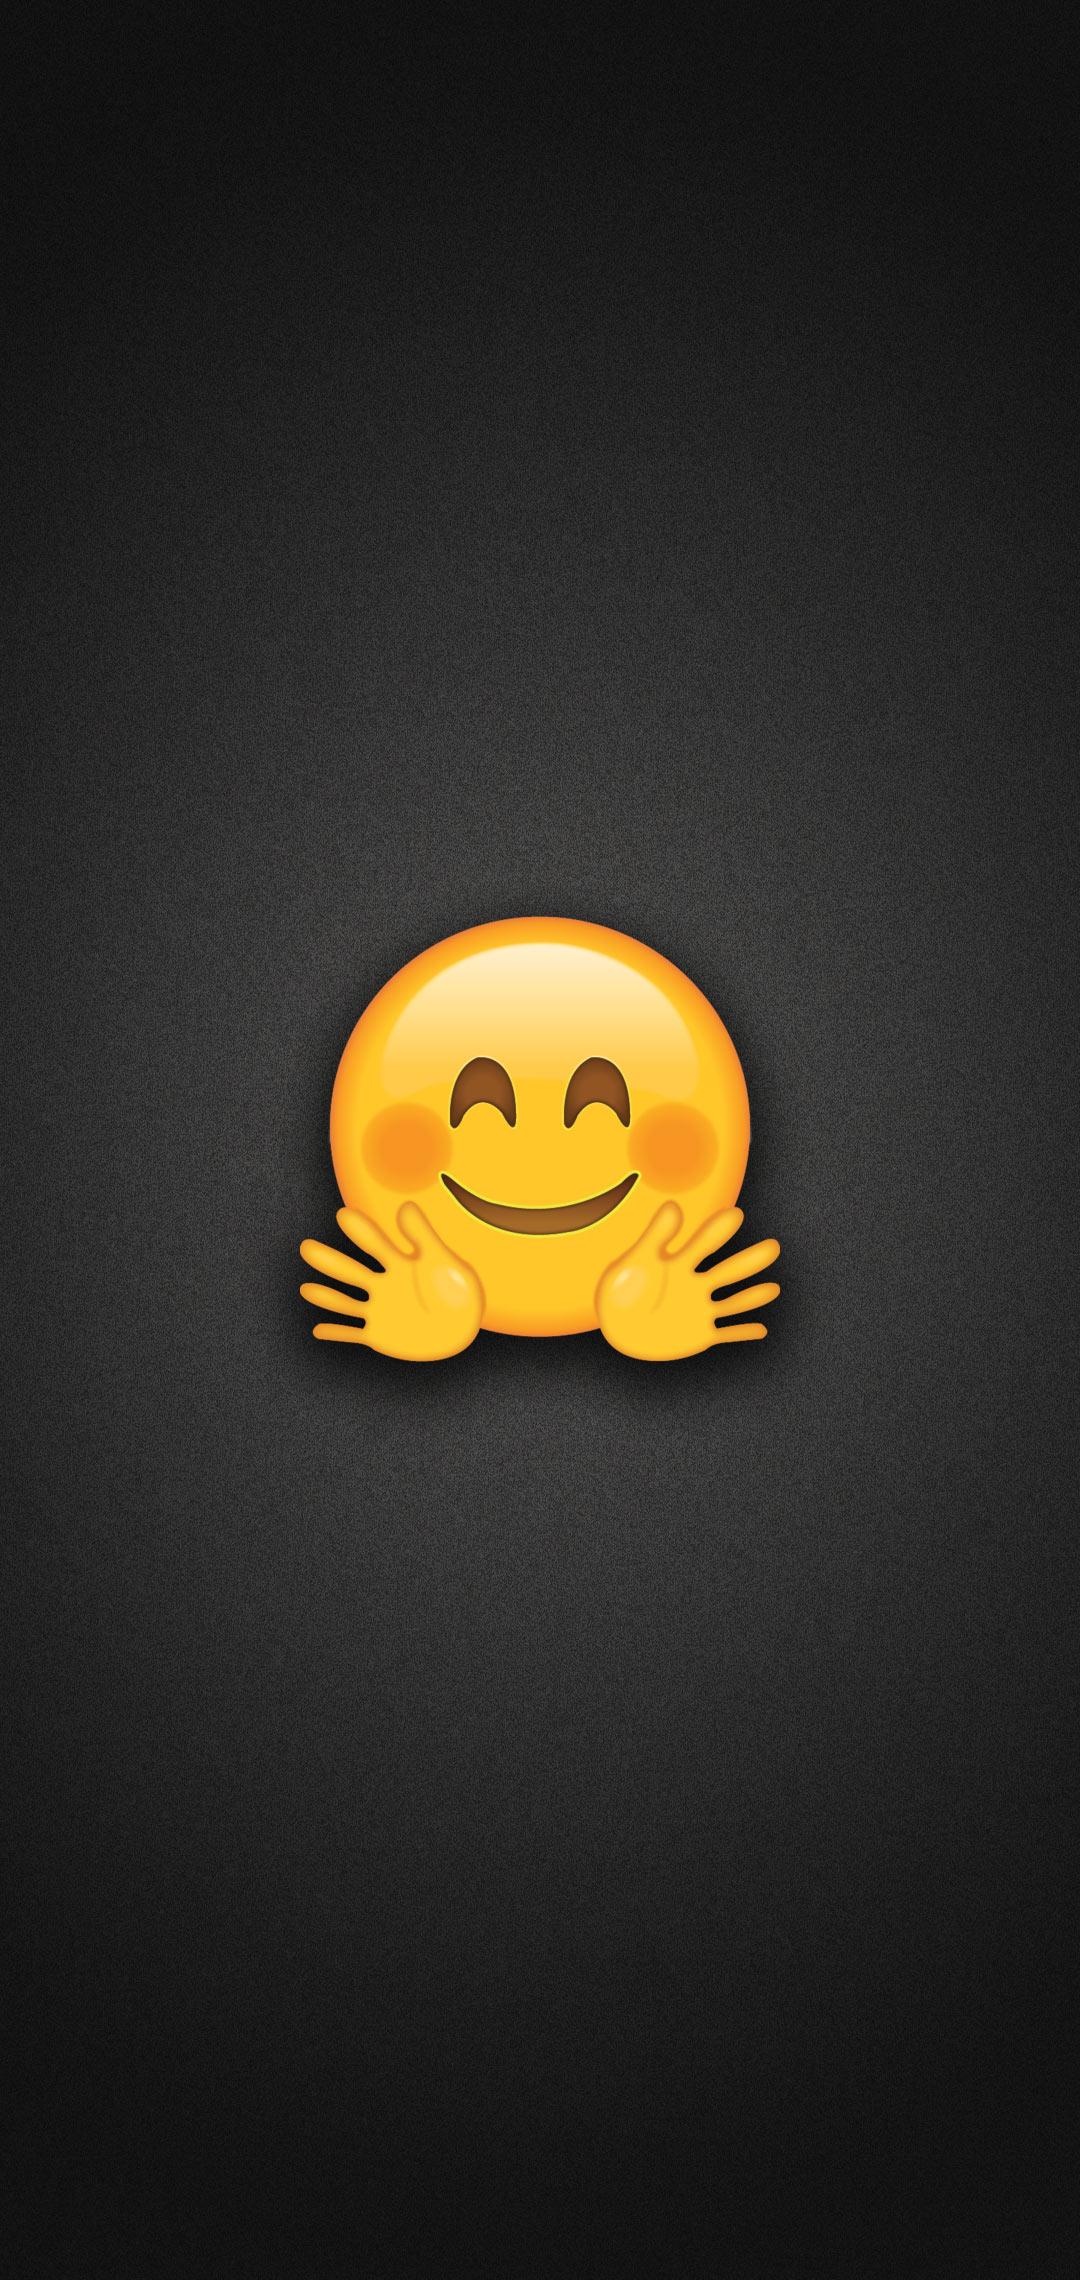 Hugging Face Emoji Phone Wallpaper